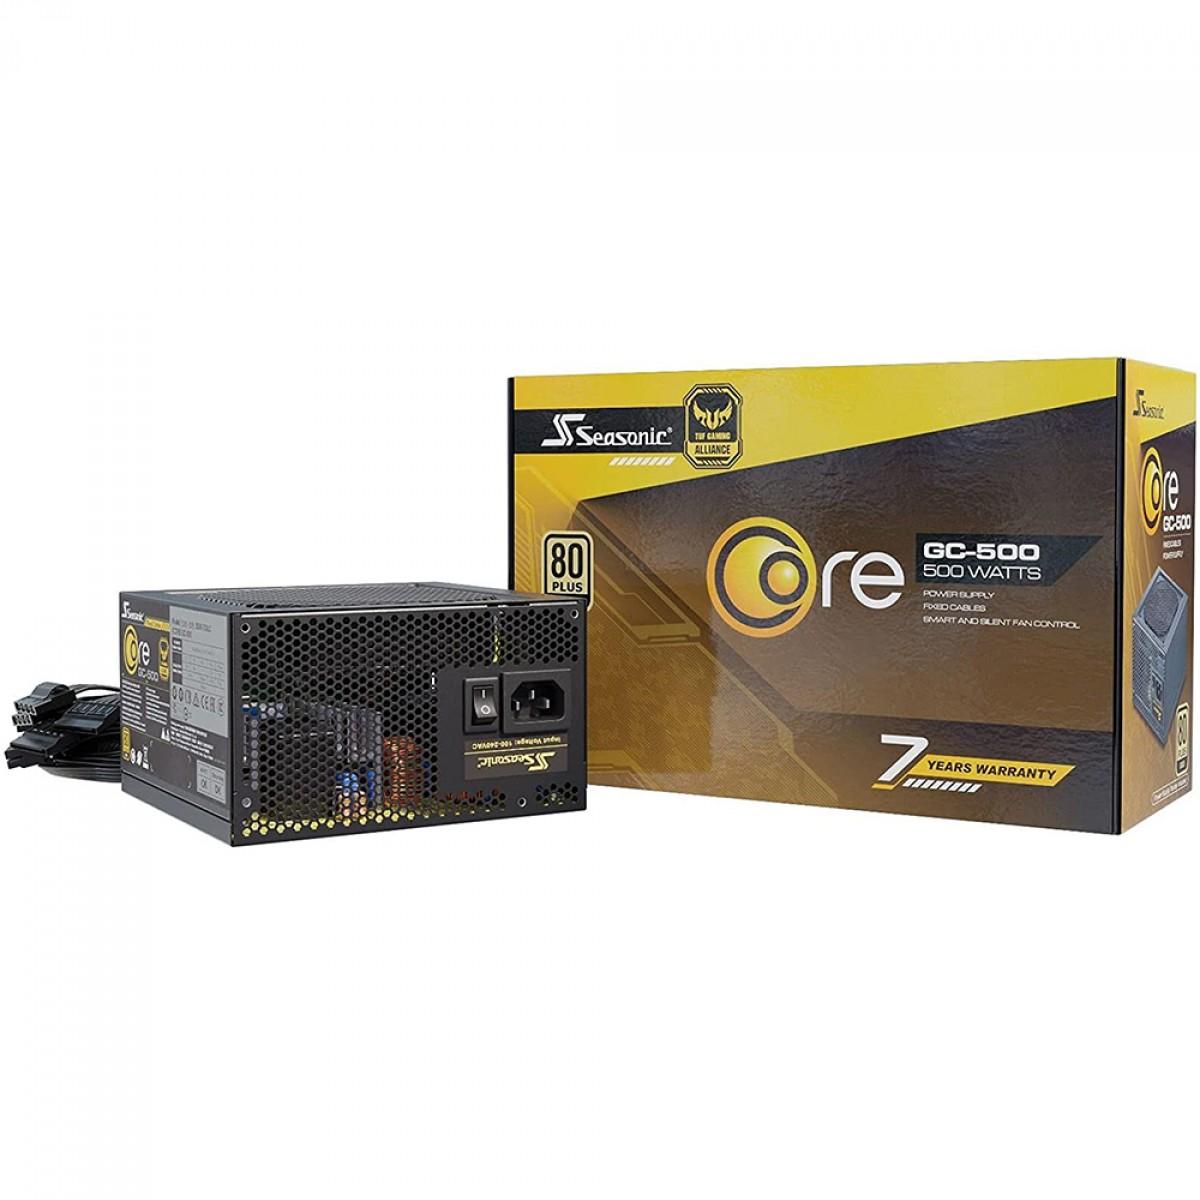 Fonte Seasonic Core GC-500, 500W, 80 Plus Gold